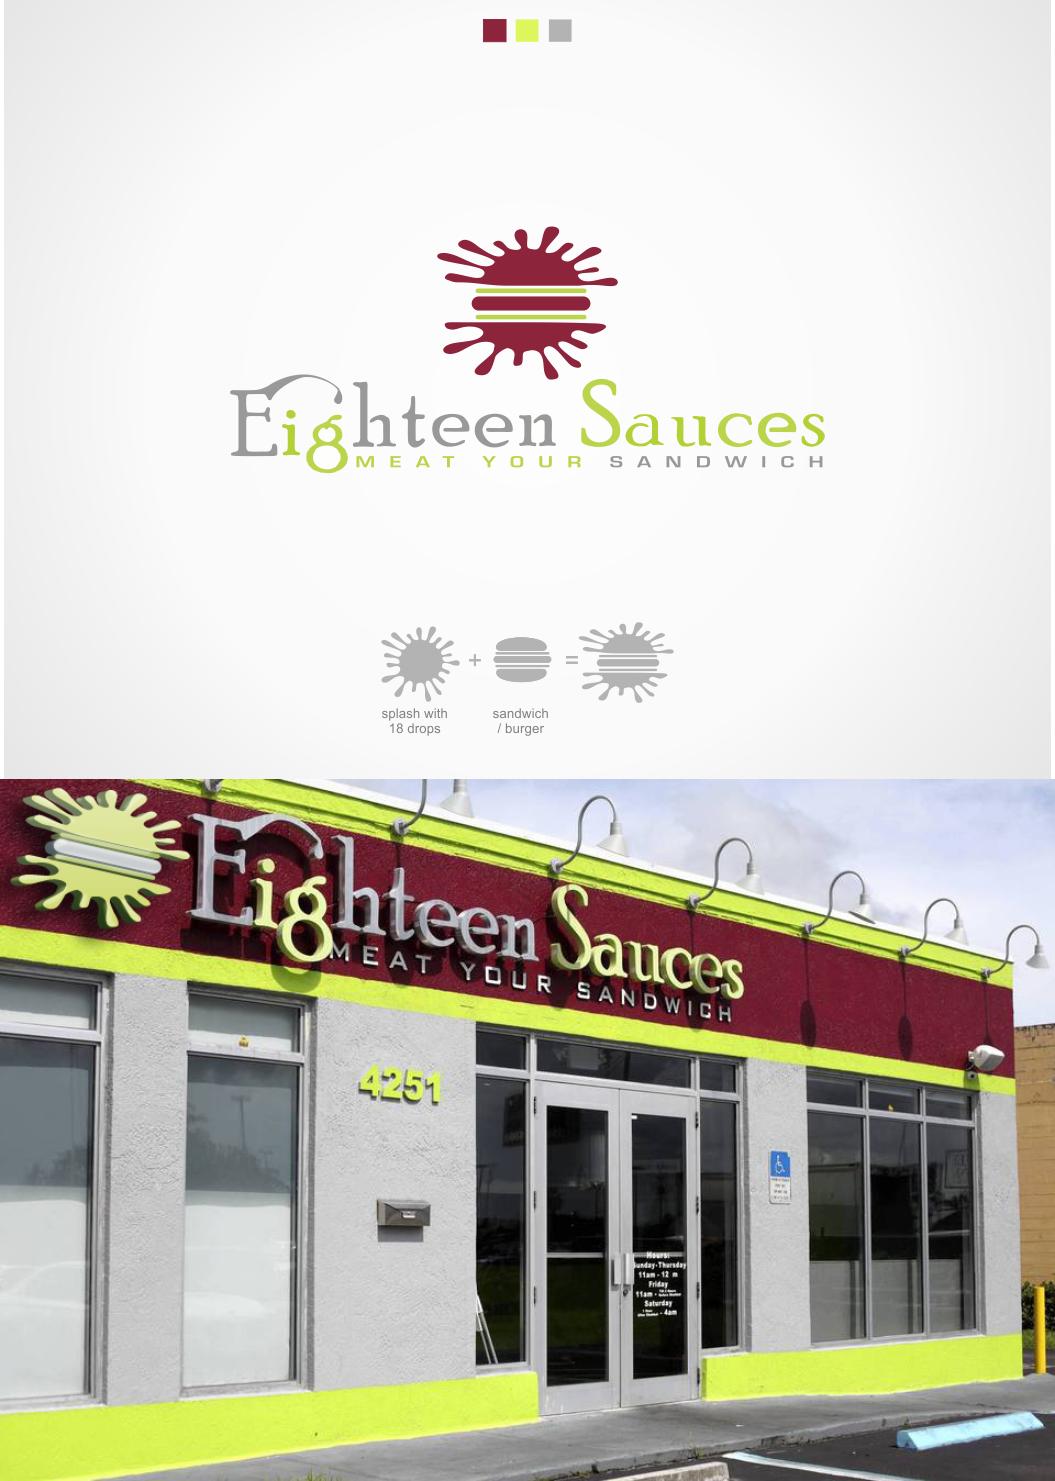 Restaurant logo design for a company by xygo bg